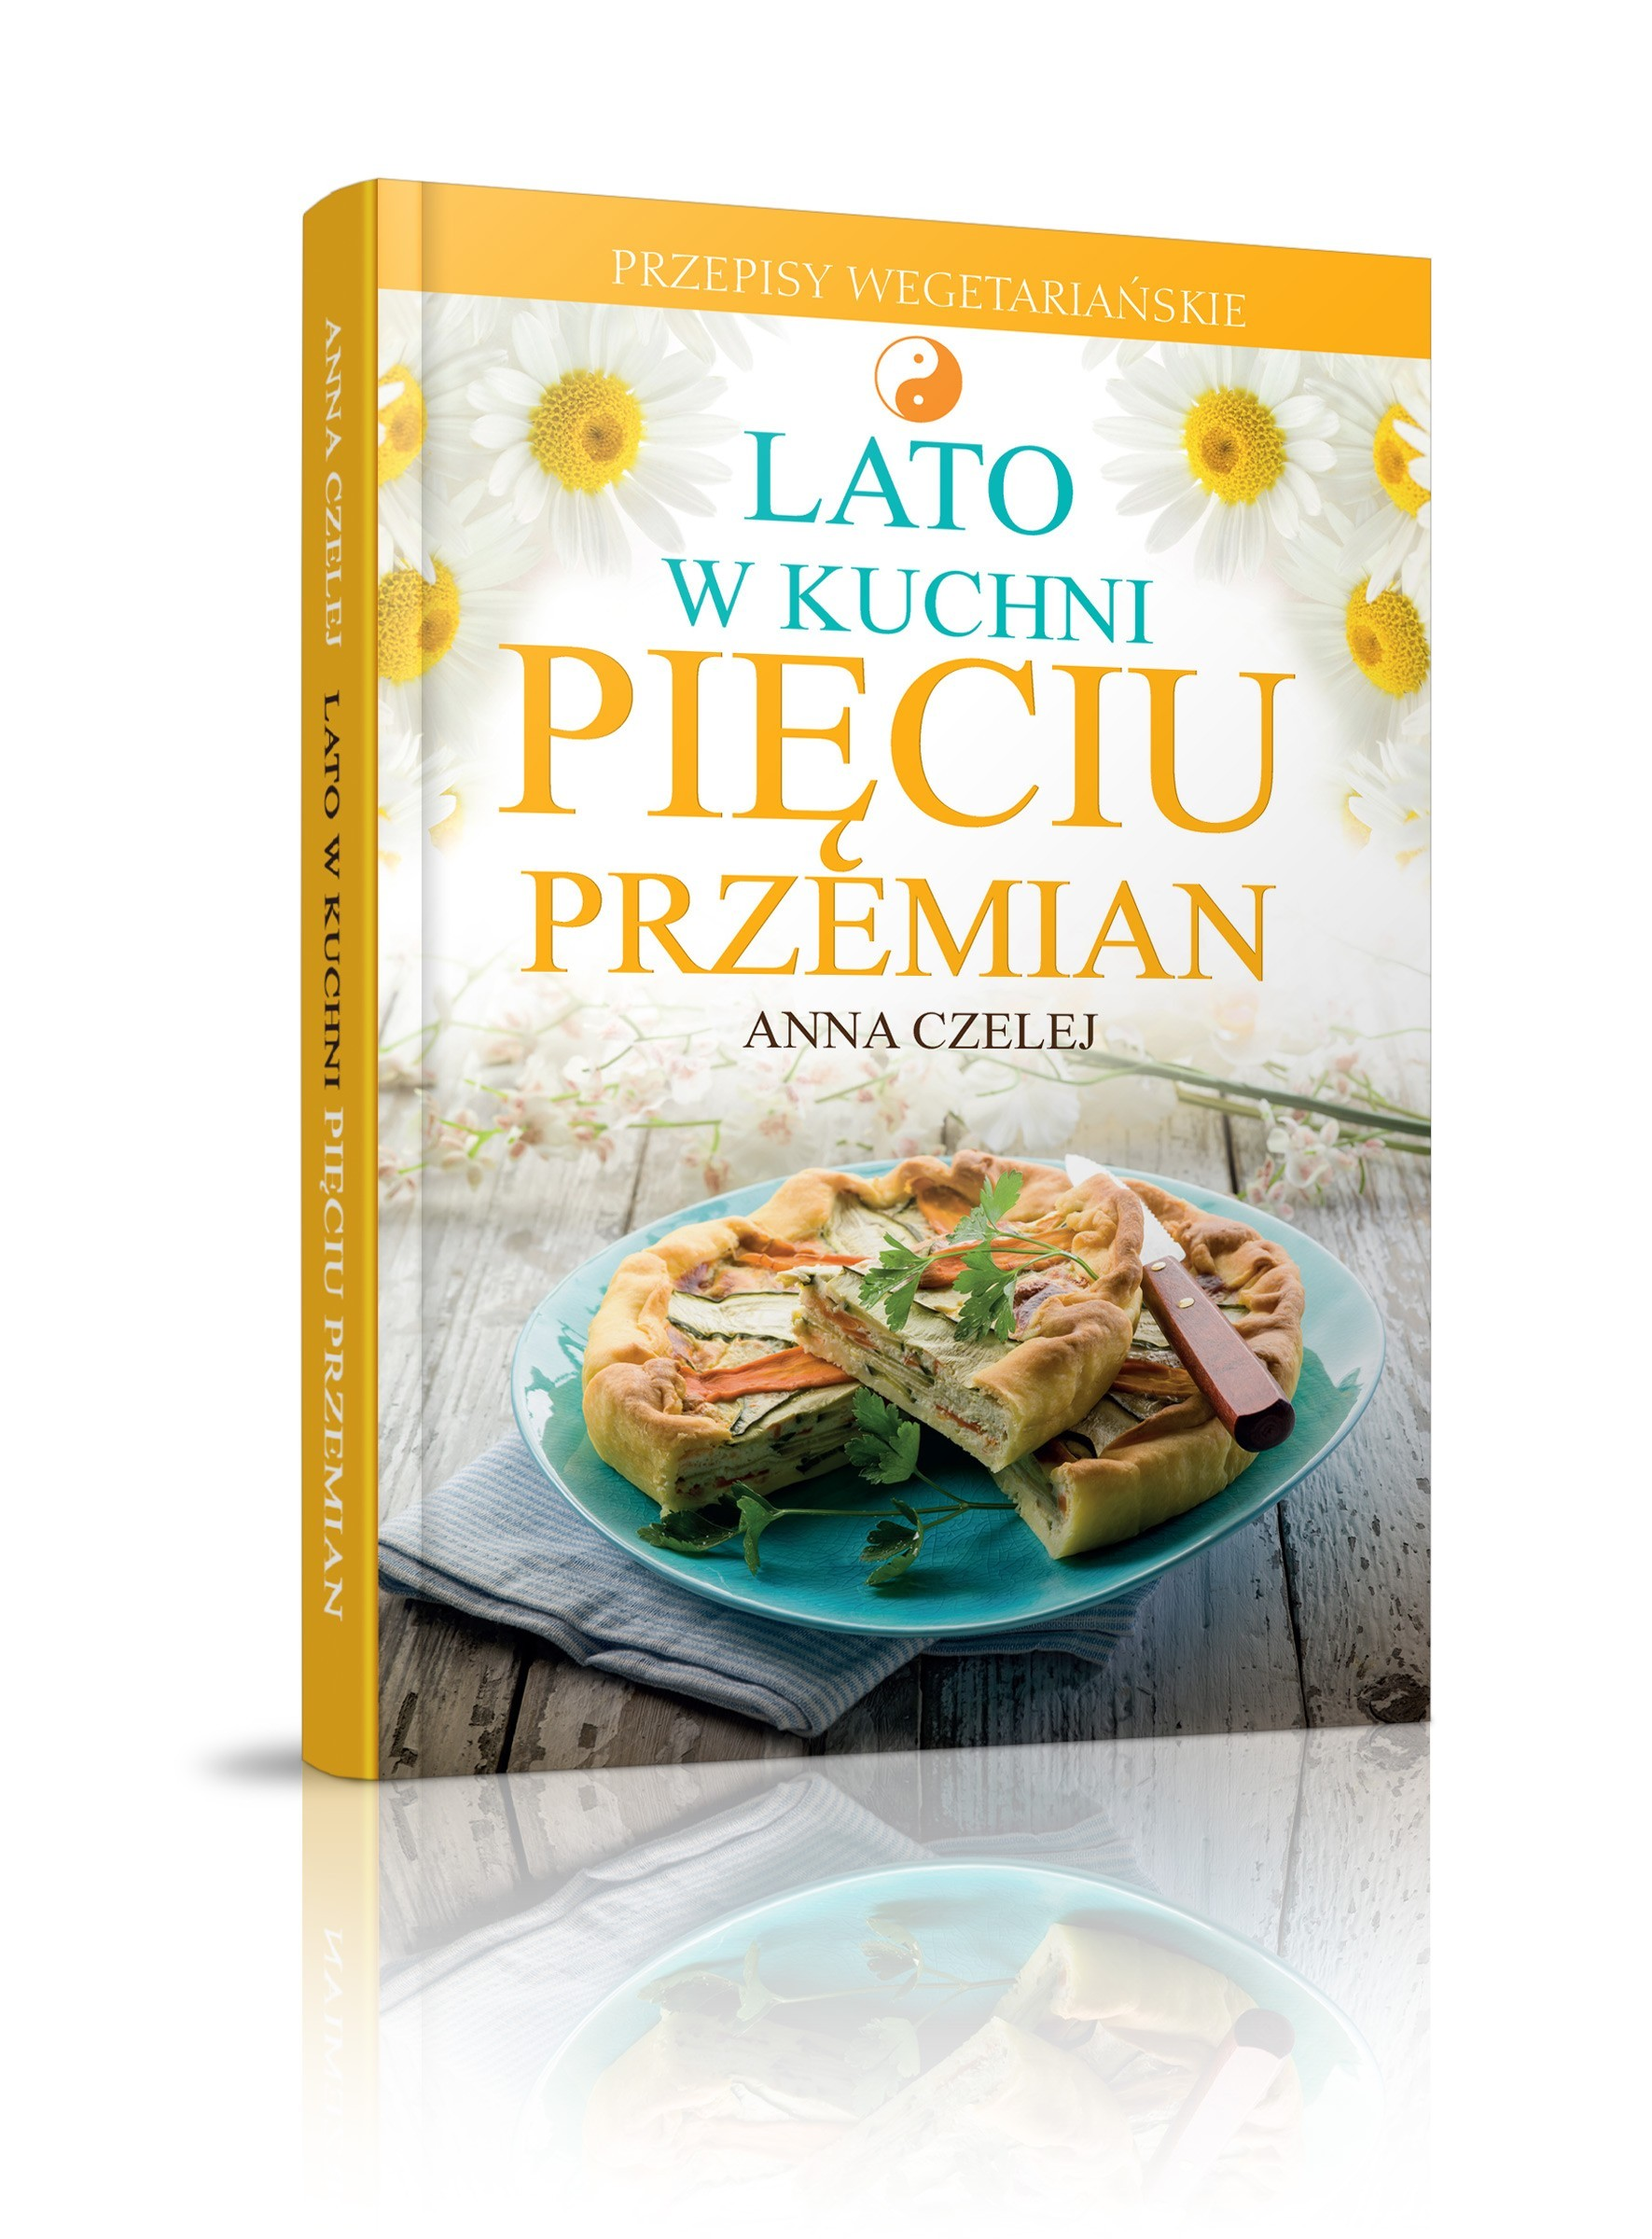 Lato W Kuchni Pieciu Przemian Przepisy Wegetarianskie Anna Czelej